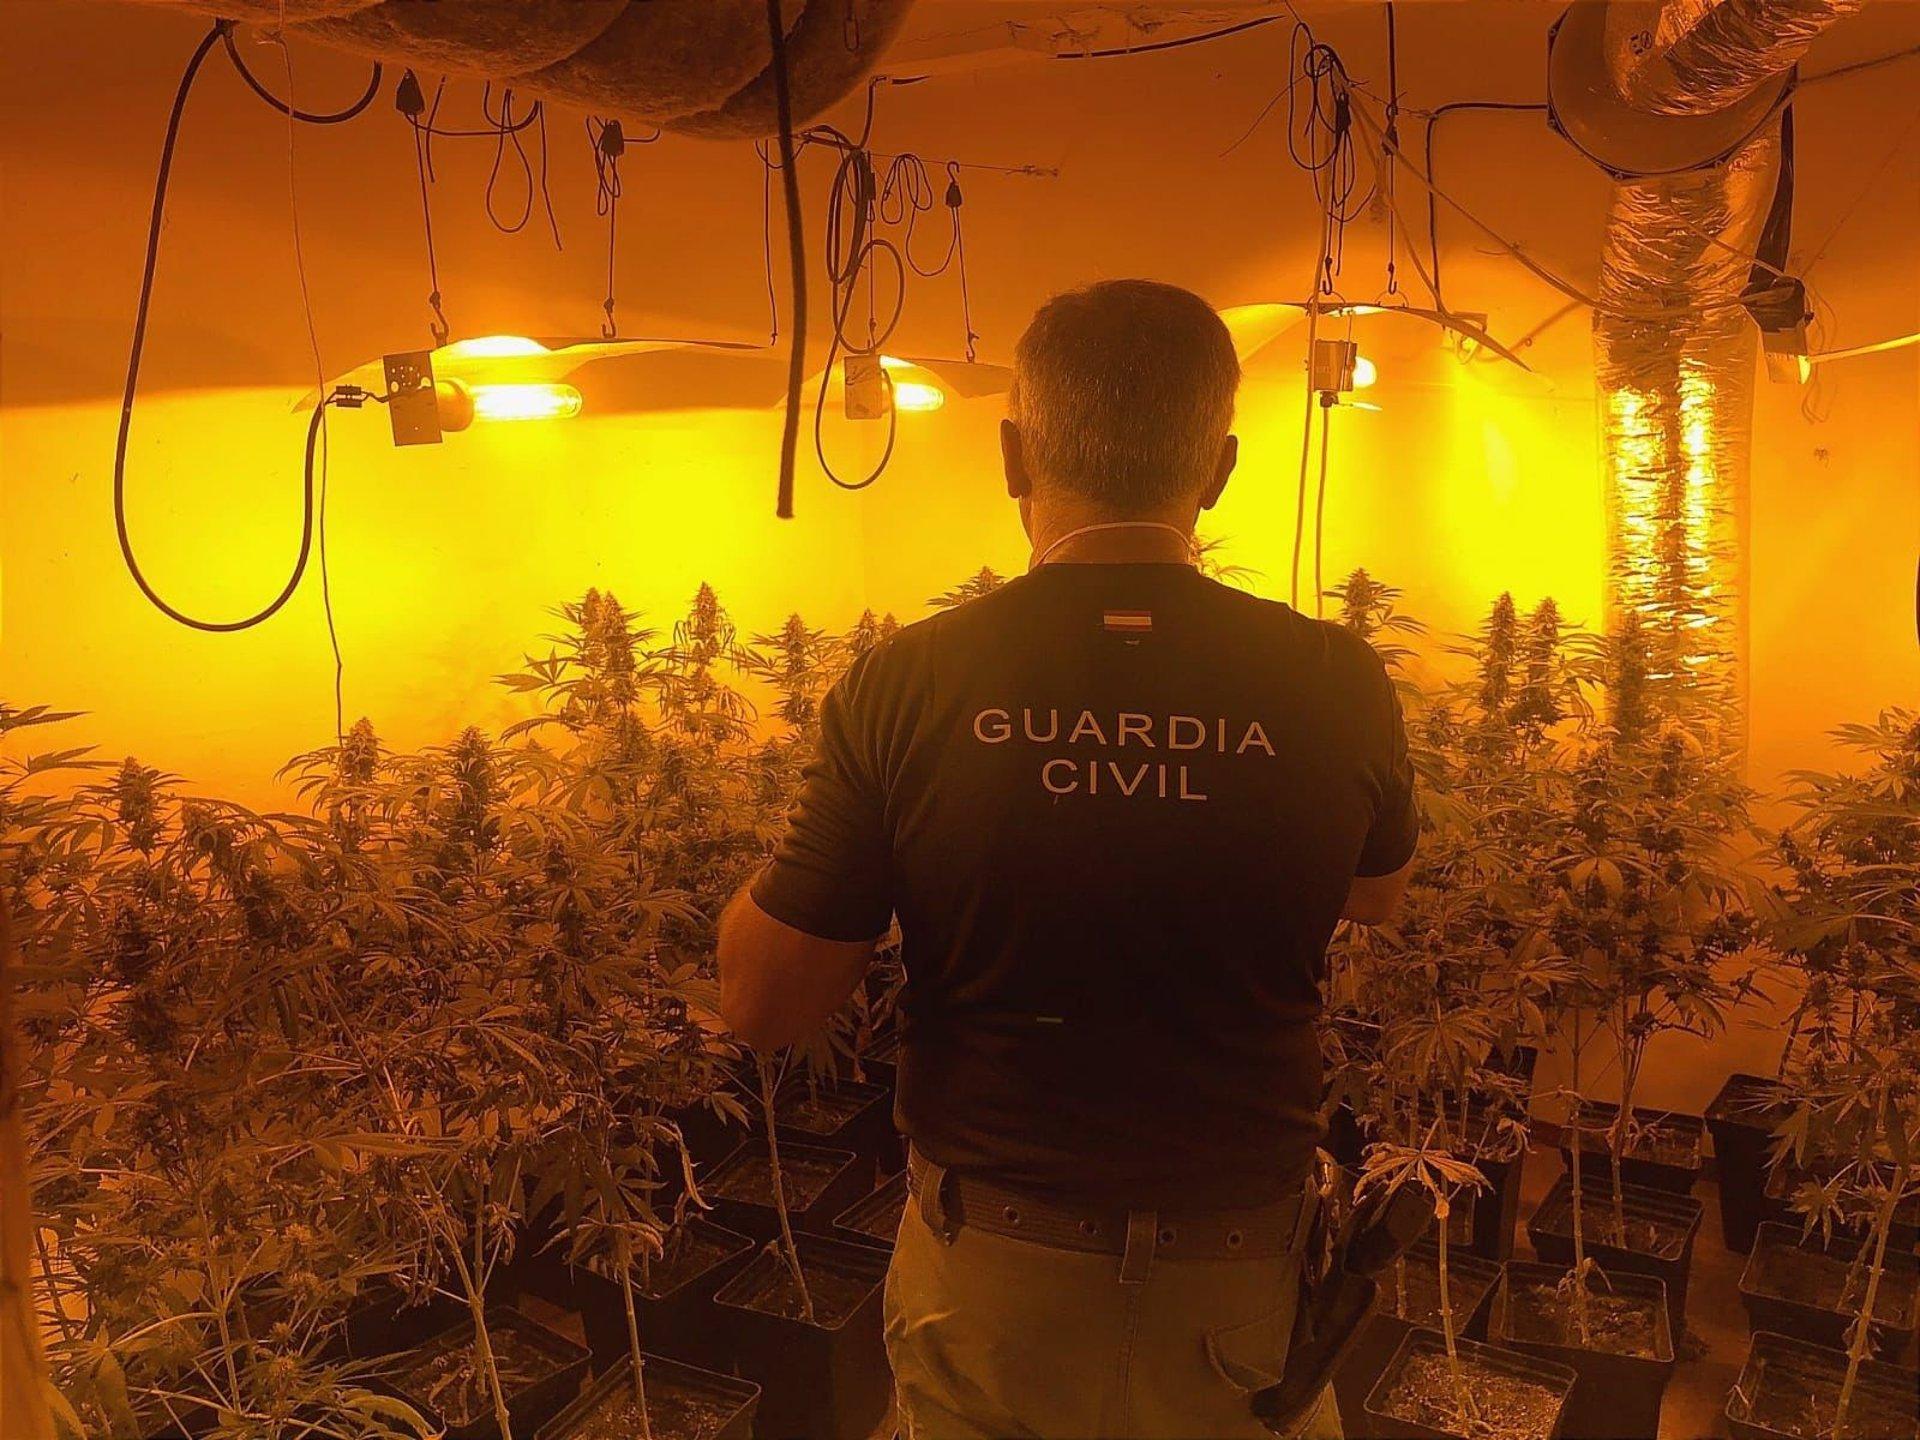 La Guardia Civil incauta 4.624 plantas de marihuana en nueve localidades y detiene a 18 personas